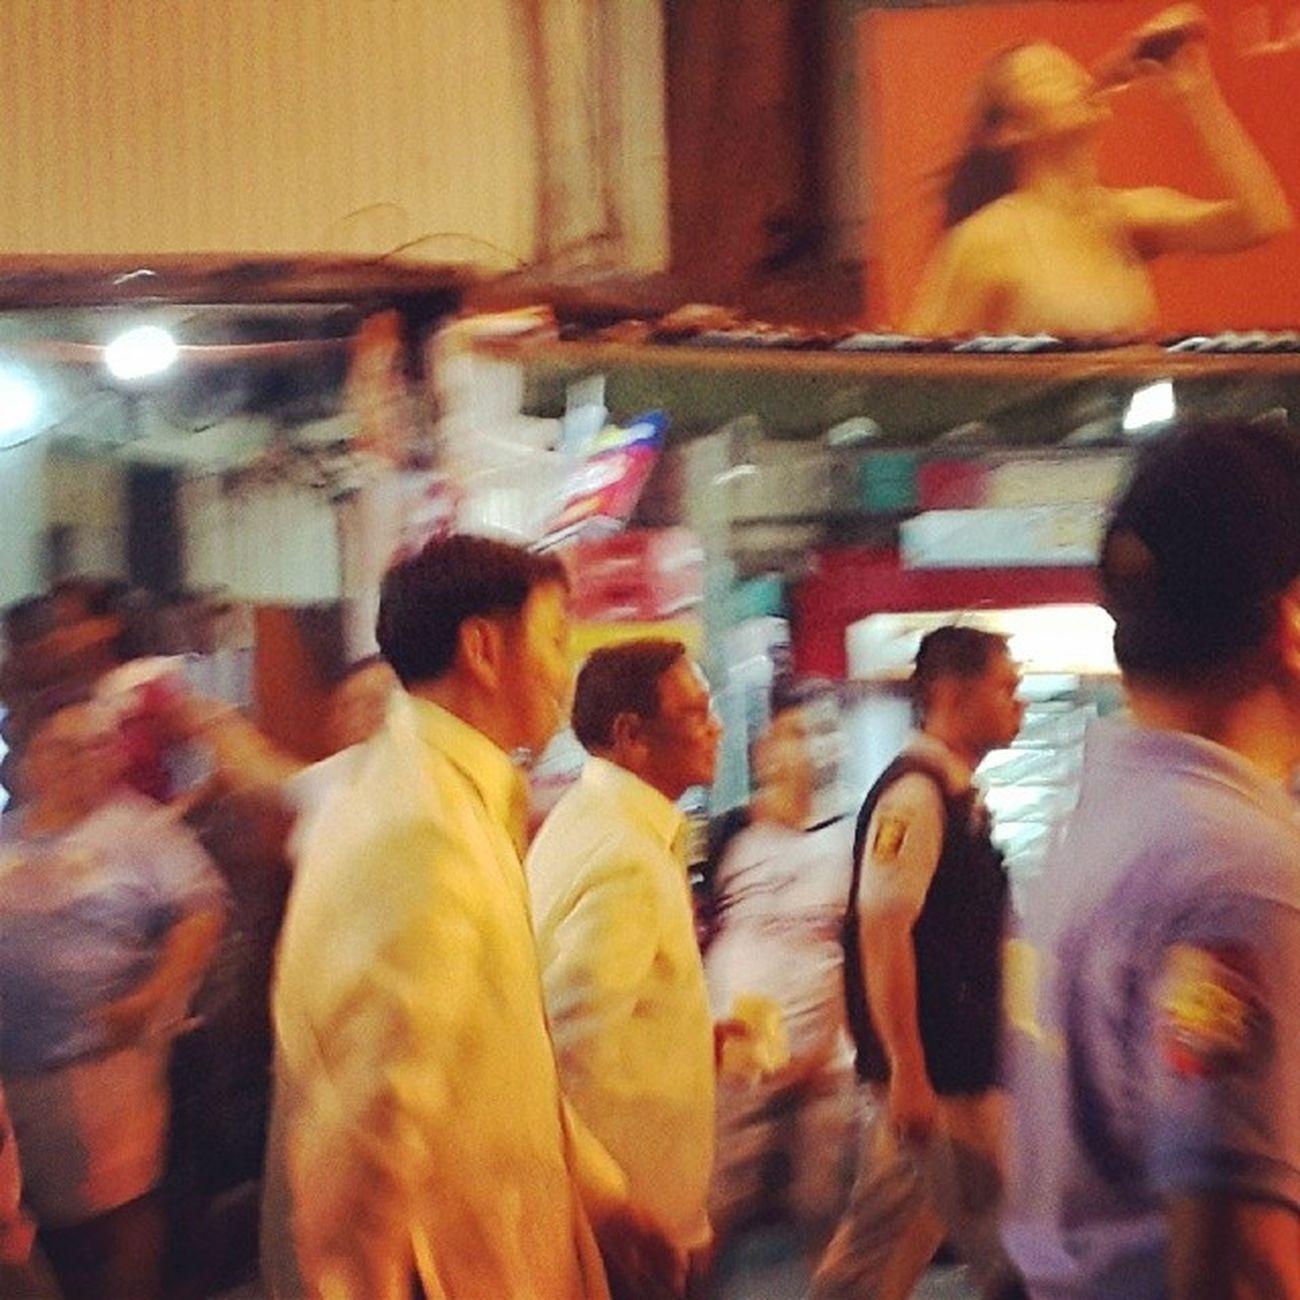 Vice President Jejomar Binay and Makati Mayor Junjun Binay... Sayang d nakapagpapic...ang bilis maglakad. 6pm-10pm na prusisyon... Ganitokamesamakati Prusisyon Ganda Pinaghamdaan holyweek